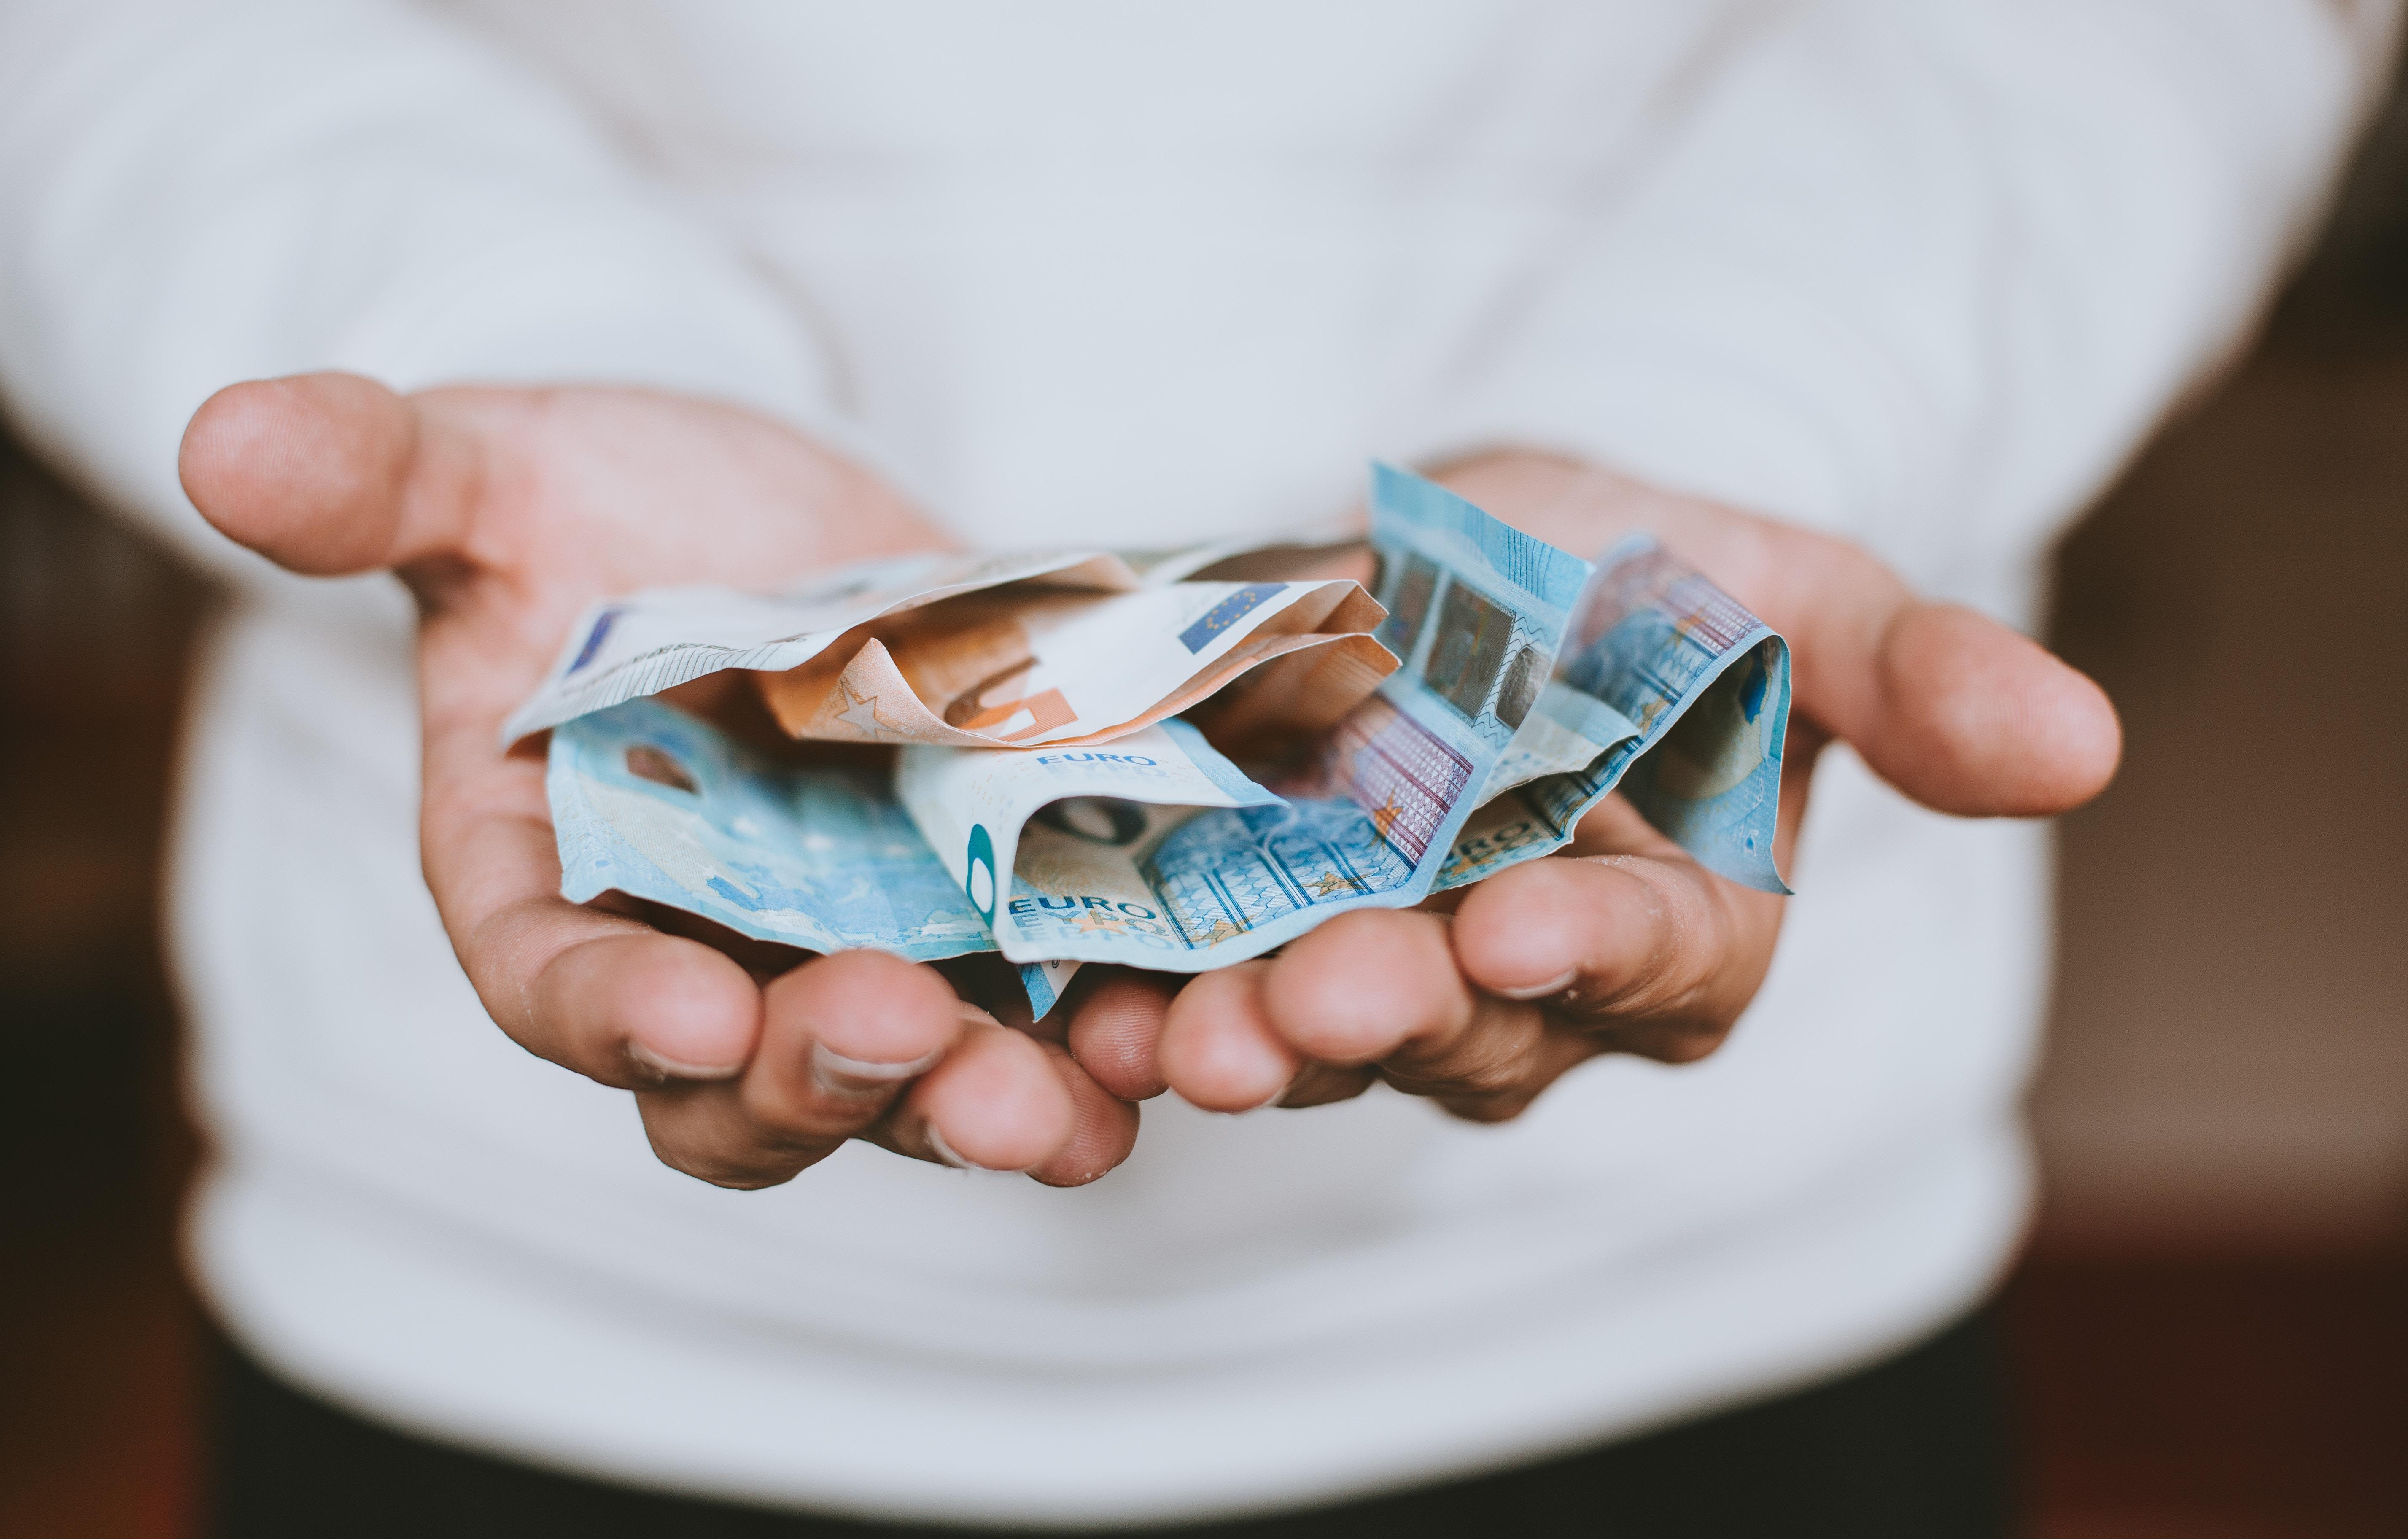 4 Ideias para Ganhar Dinheiro com Pouco Investimento